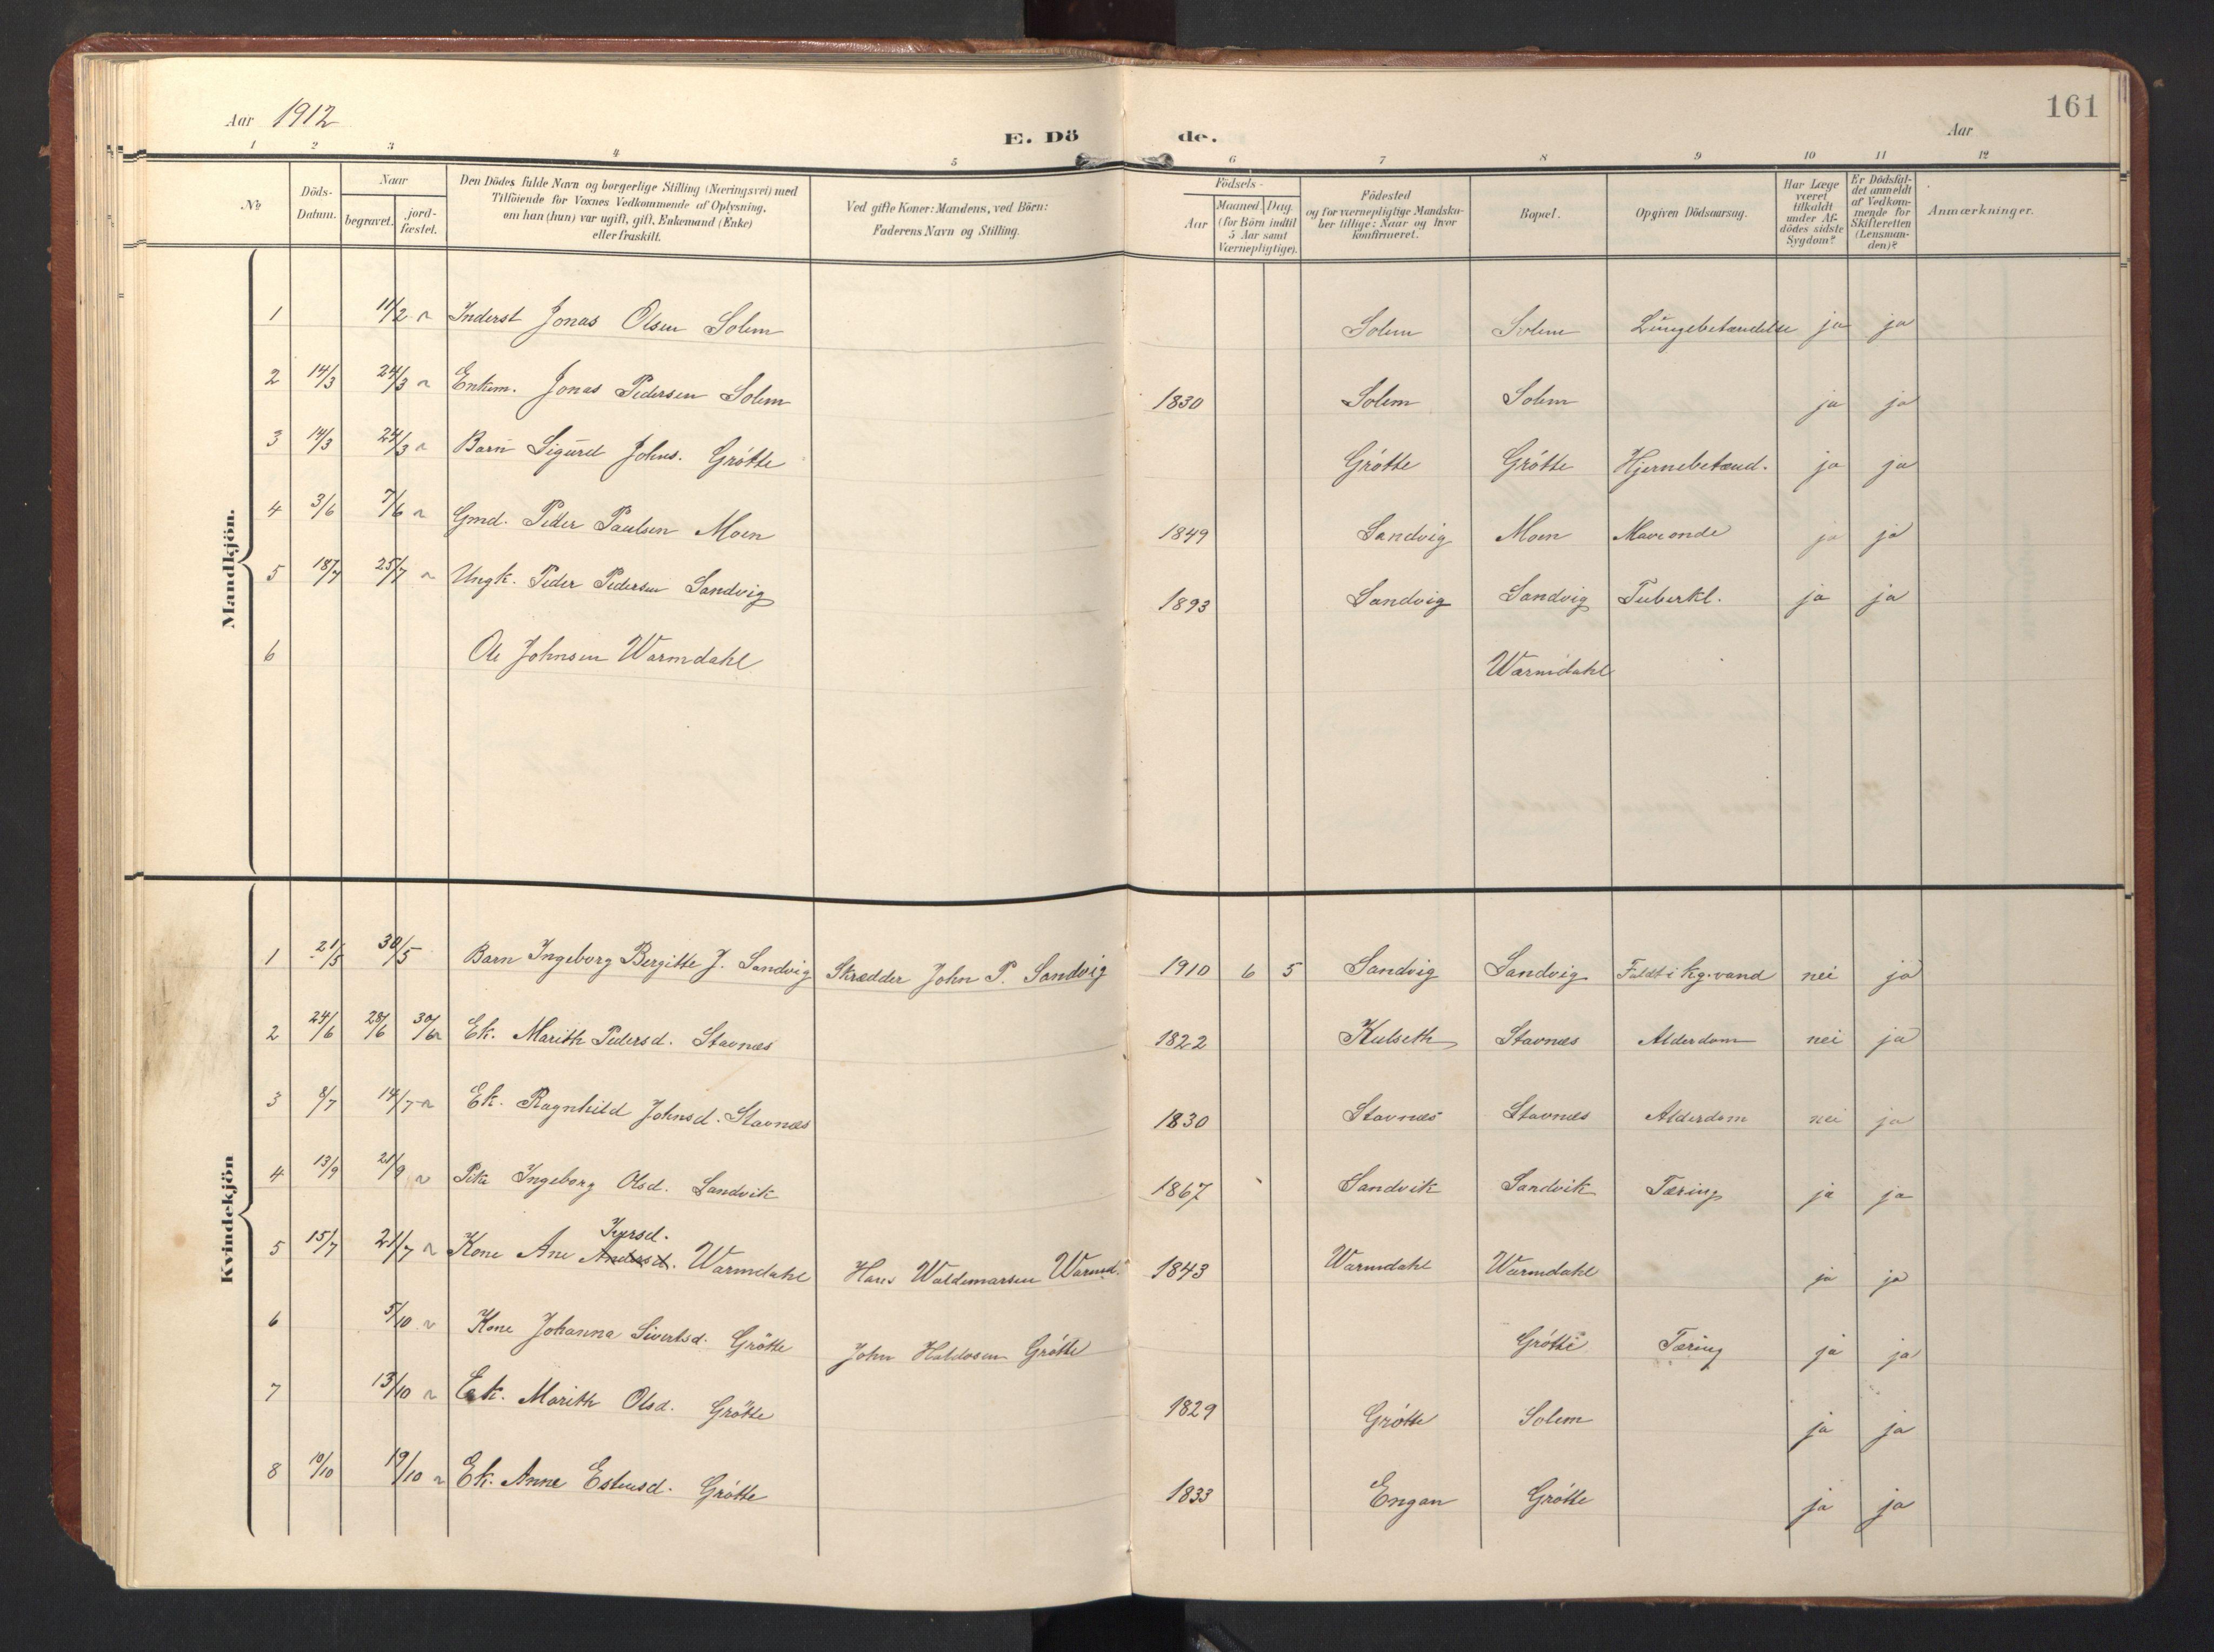 SAT, Ministerialprotokoller, klokkerbøker og fødselsregistre - Sør-Trøndelag, 696/L1161: Klokkerbok nr. 696C01, 1902-1950, s. 161